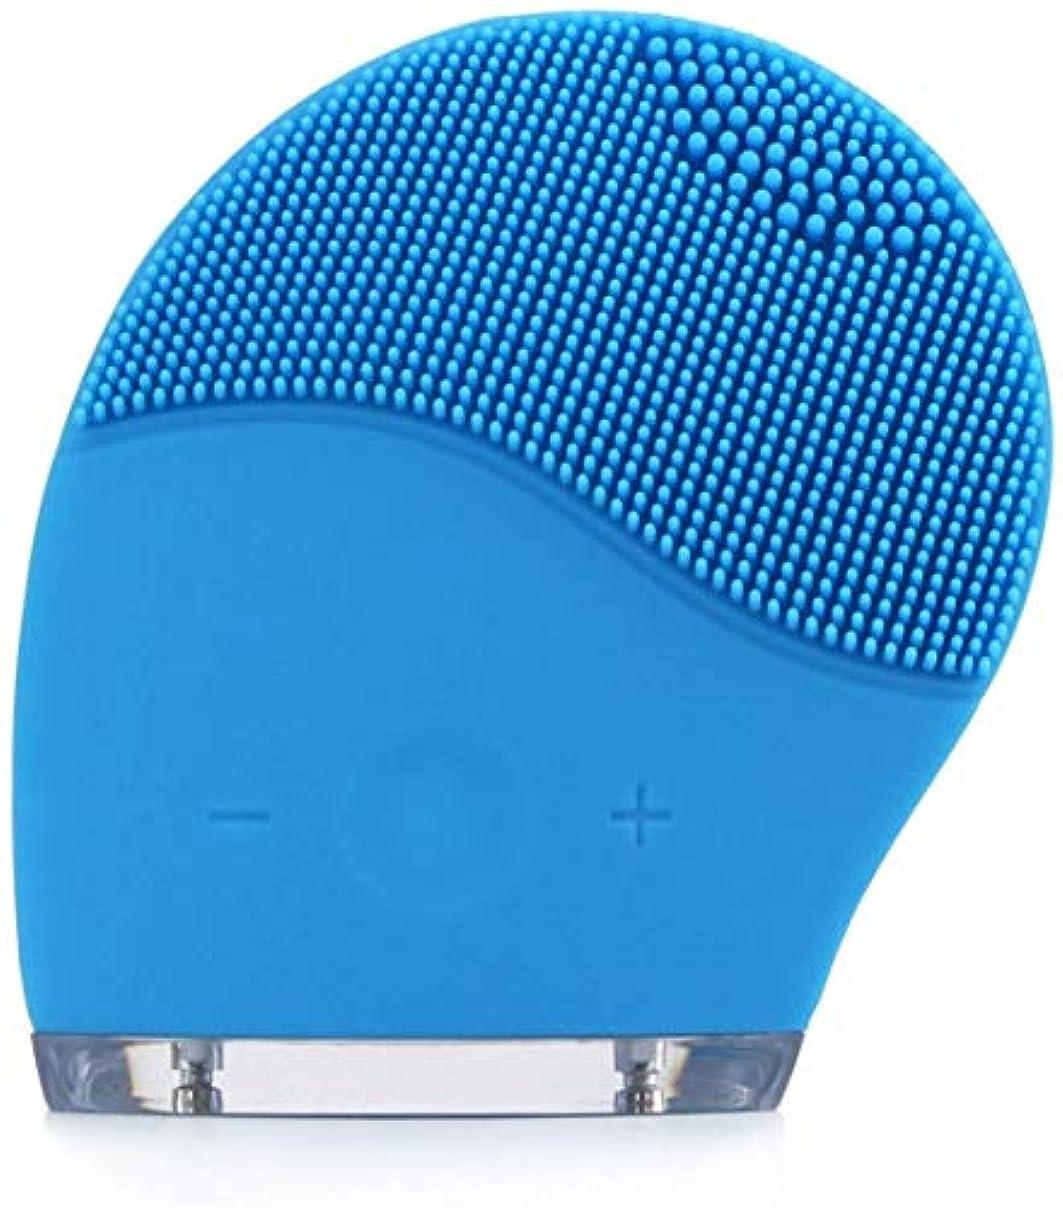 美的ジャム箱洗顔ブラシ、ブラシ防水アンチエイジングスキンクレンザーフェイシャルポーランドやスクラブのためのディープエクスフォリエーターのメイクツールマッサージャー電気シリコーンフェイス